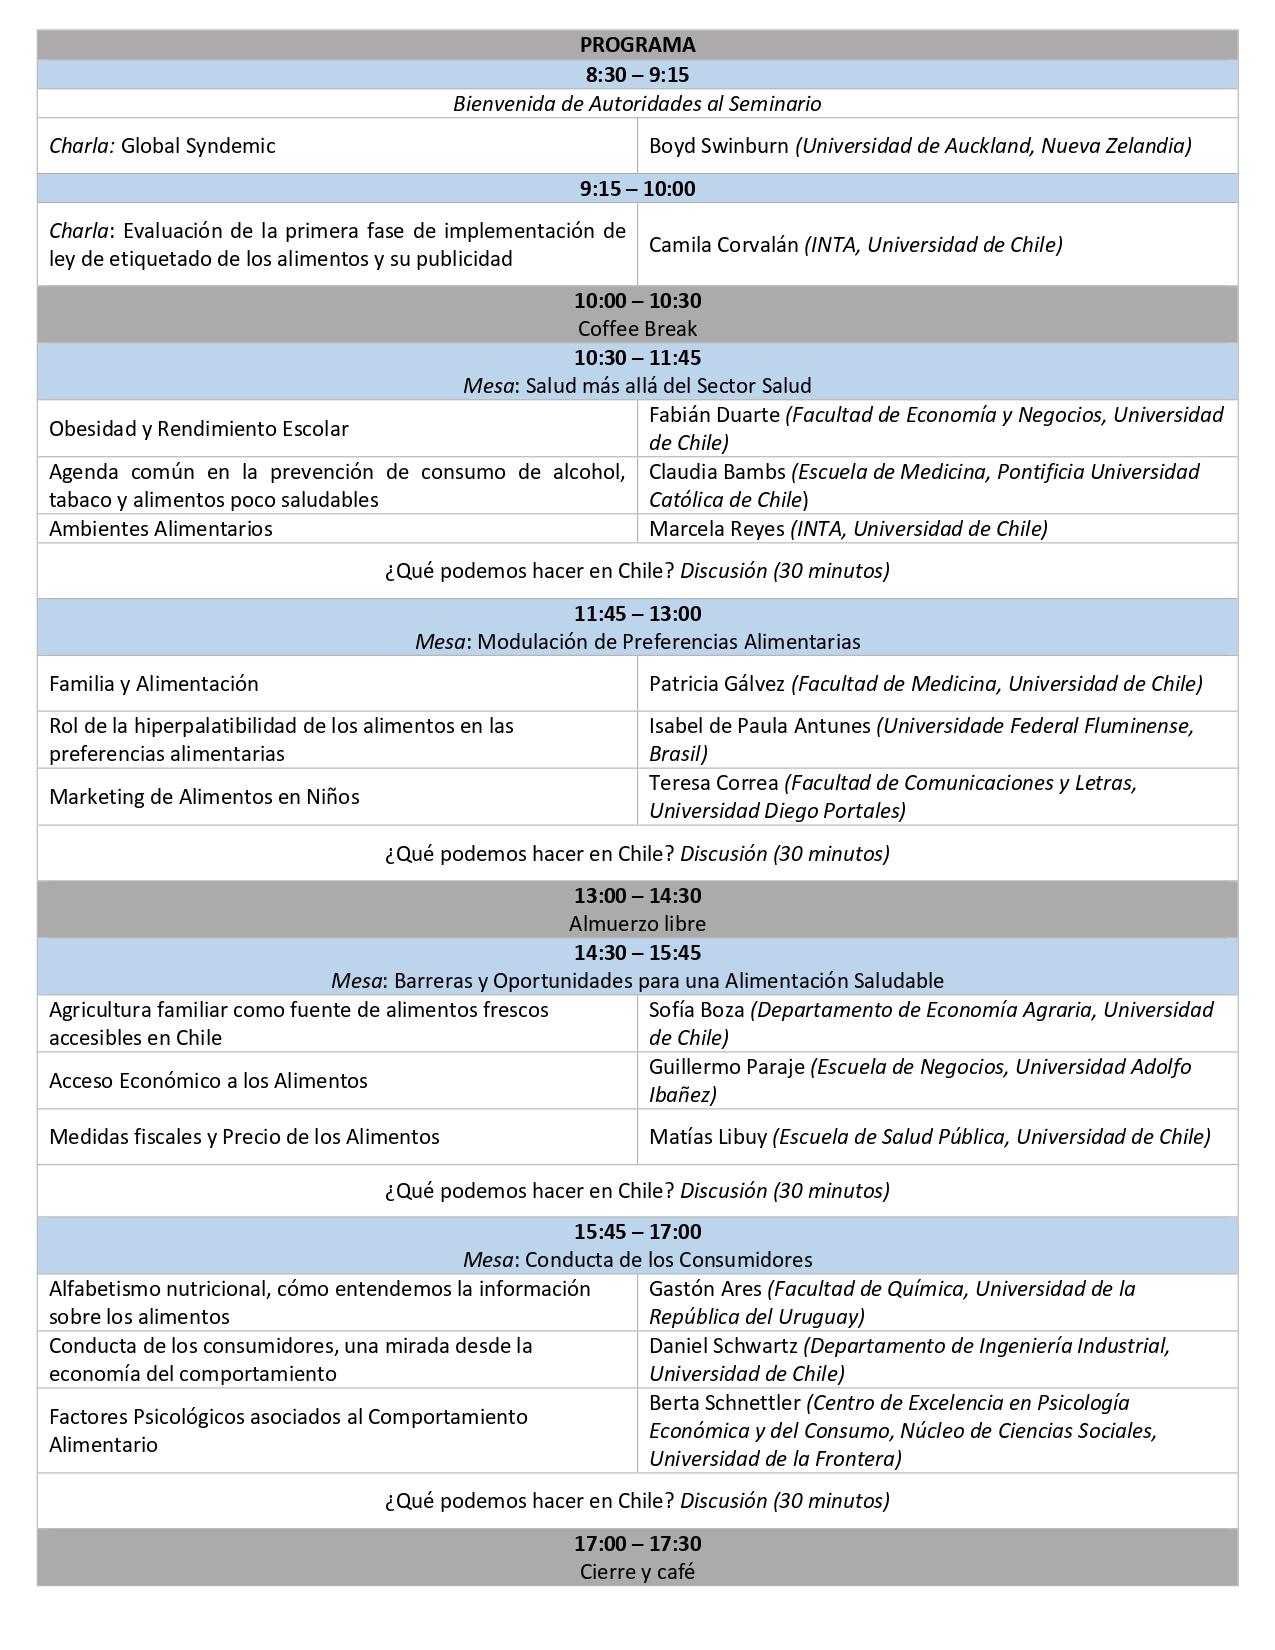 Calendario Con Semanas 2019 Chile.Calendario Inta